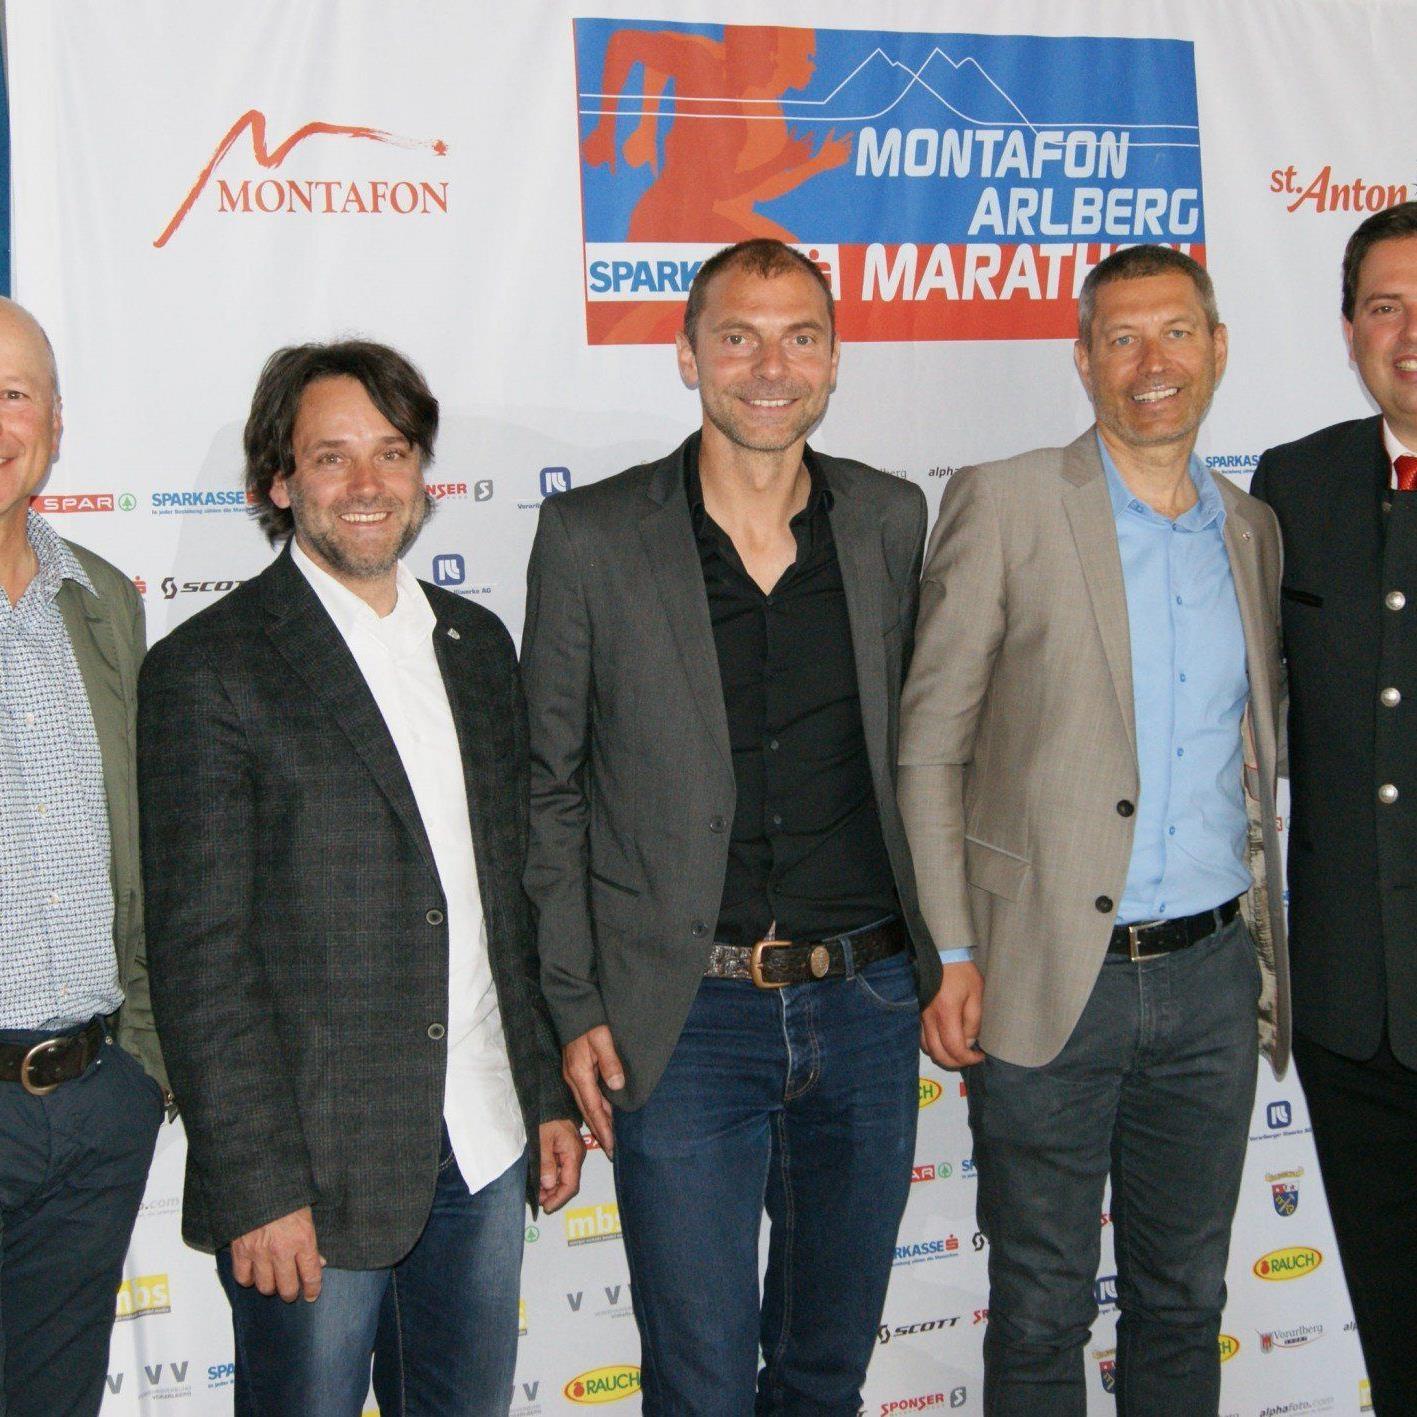 Die Organisatoren des Montafon Arlberg Marathon sind zufrieden mit den bisherigen Vorbereitungen. (v.l.n.r.) Christian Ertl (Vorstandsvorsitzender Sparkasse Bludenz), Thomas Zudrell (OK Präsident), Günter Ernst (Sportliche Leitung), Peter Mall (Rennleitung), Manuel Bitschnau (GF Montafon Tourismus)